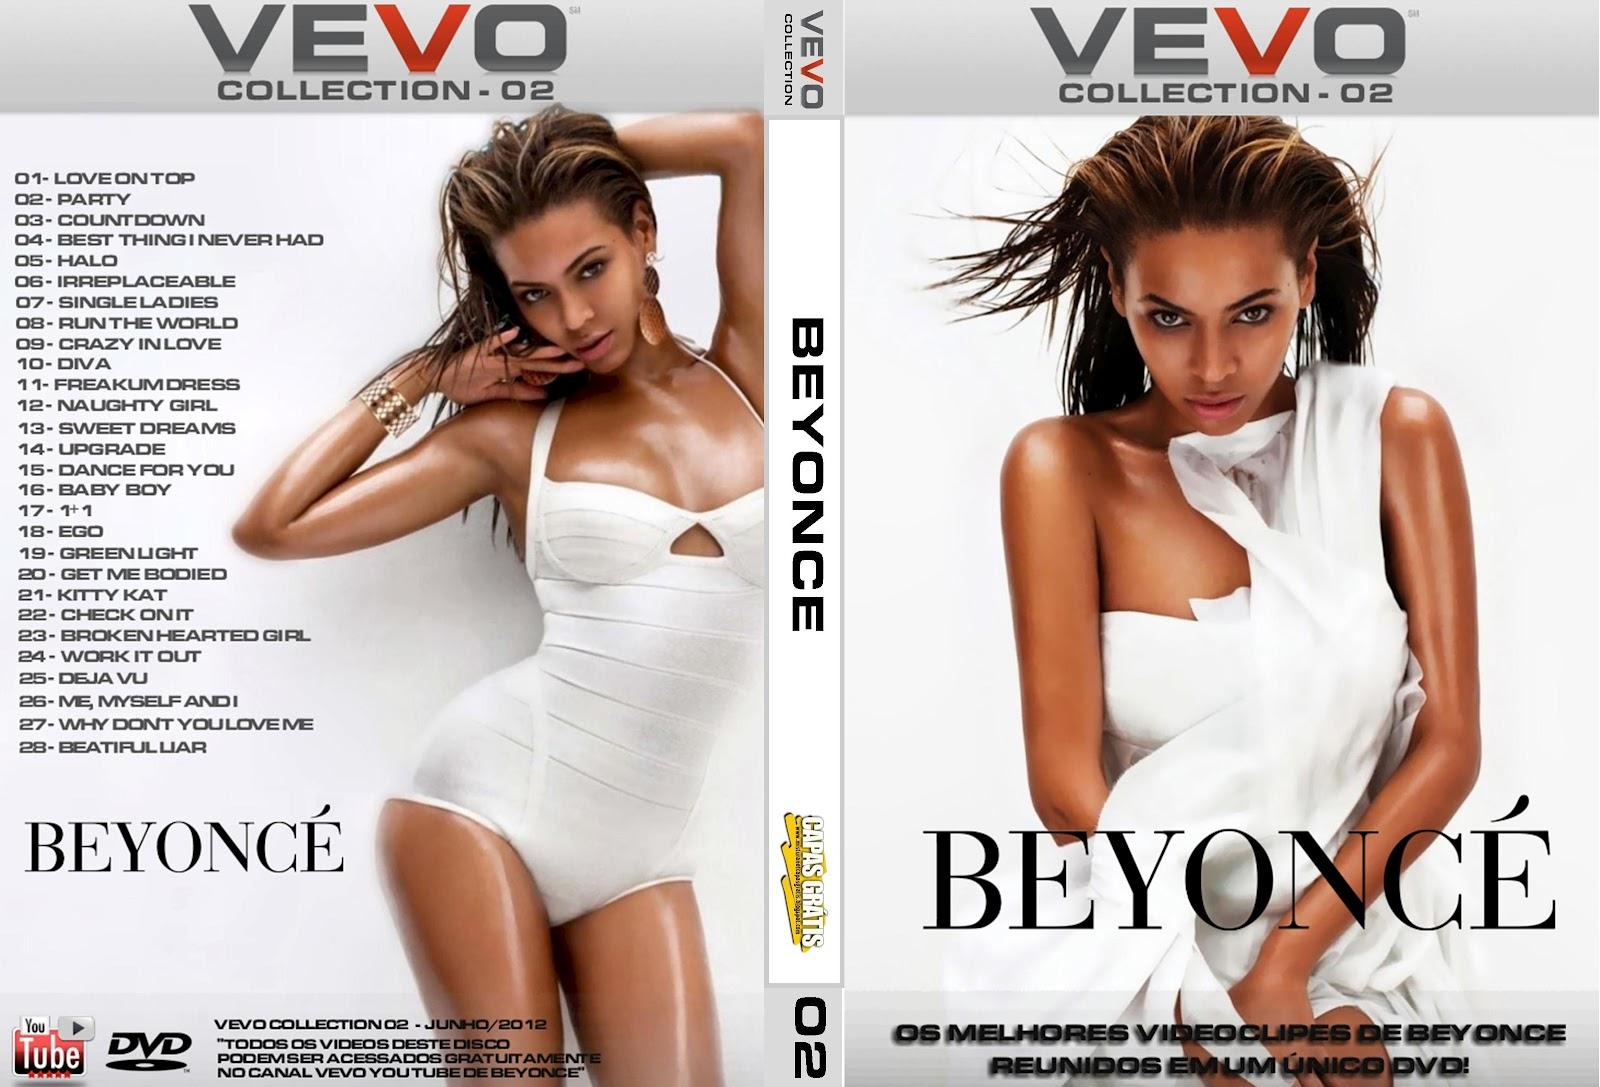 http://2.bp.blogspot.com/-GDkApGjGYMc/T-fVEIVo8TI/AAAAAAAAAsY/fVP5SiRi7Jk/s1600/Vevo+-+Beyonce.jpg